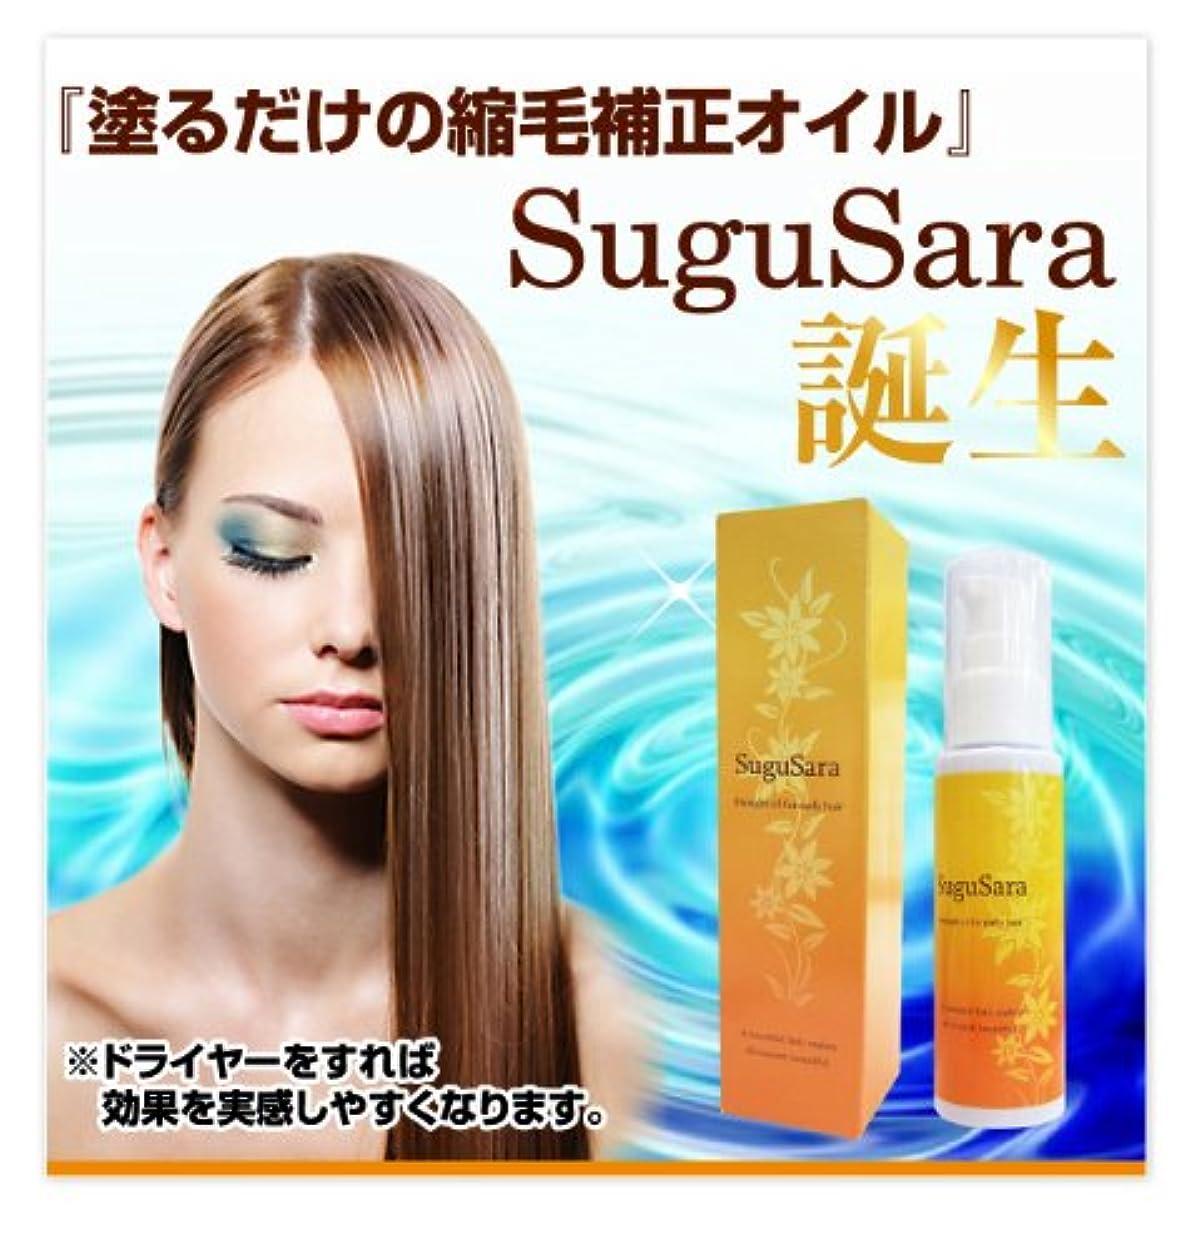 ジャングル百科事典小さいsugu sara(スグサラ) 50mL